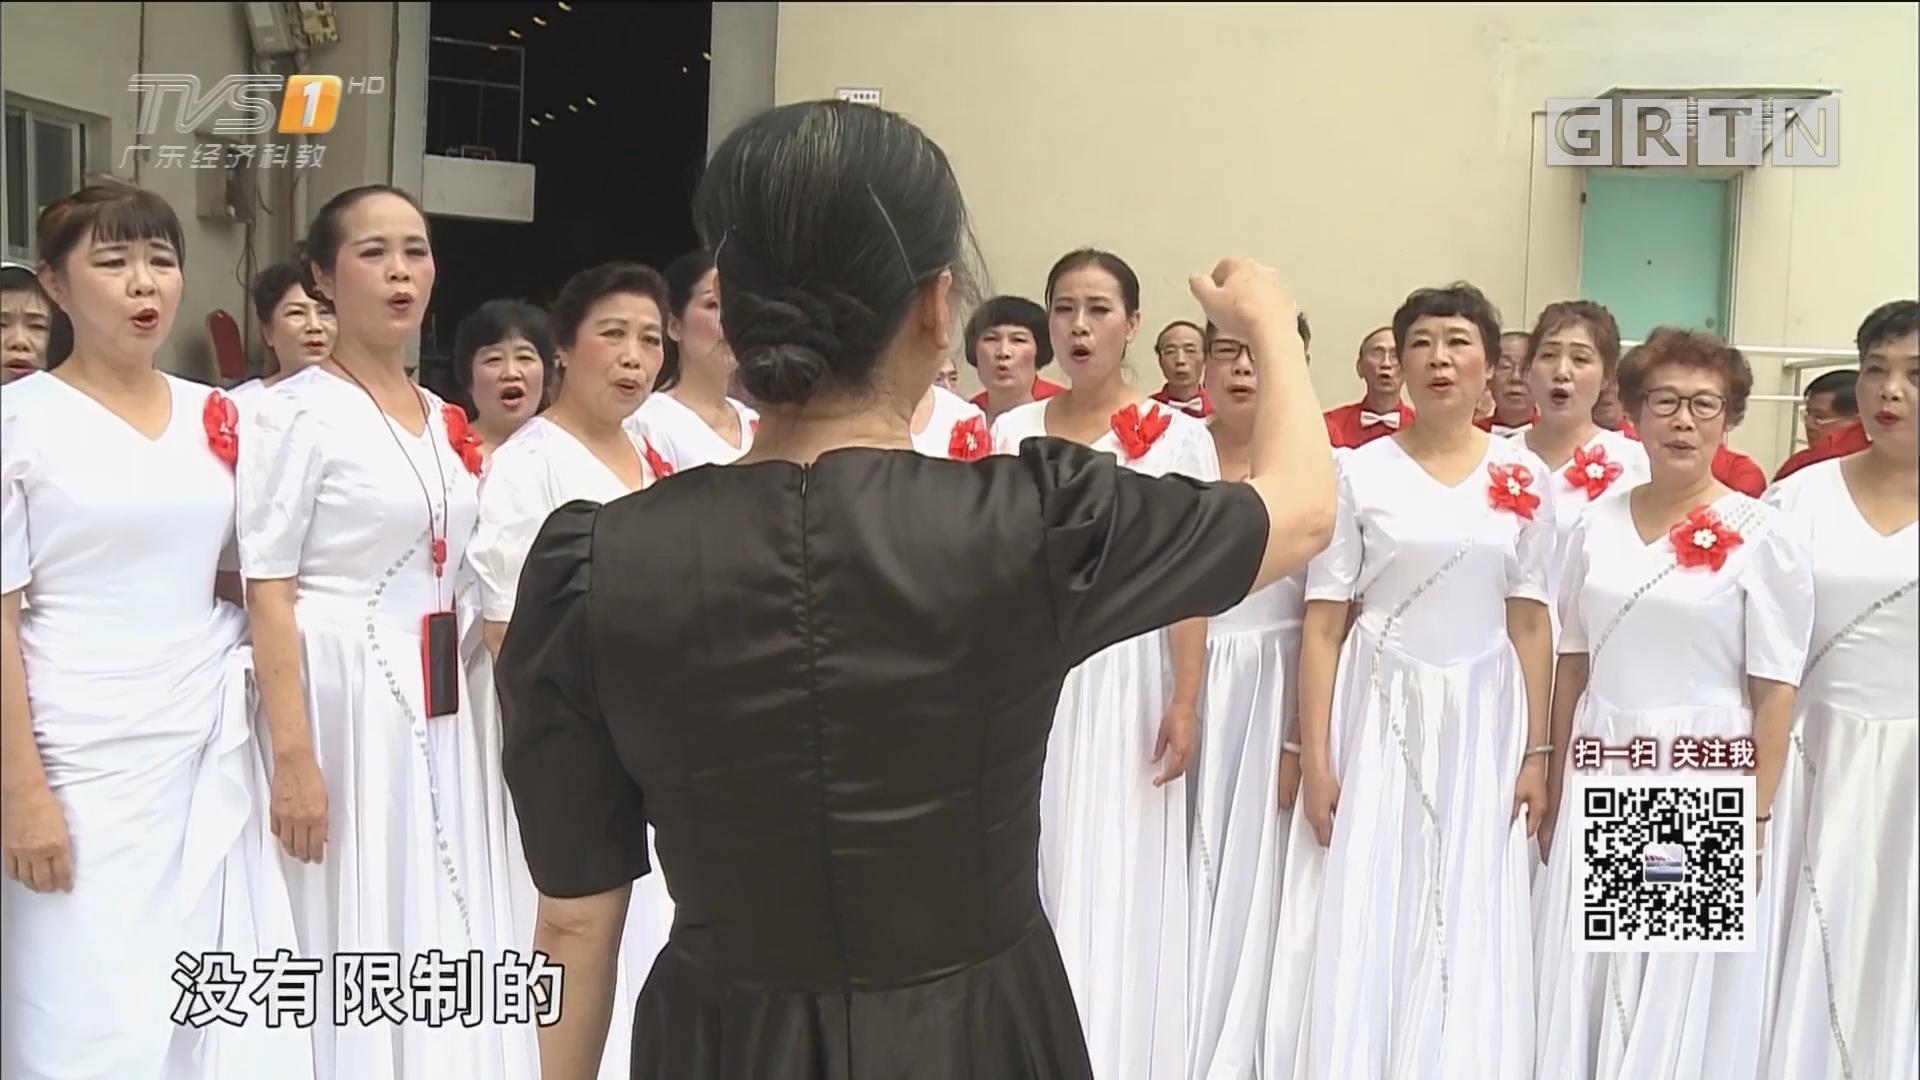 老年合唱湛江开赛 记者探班精彩连连